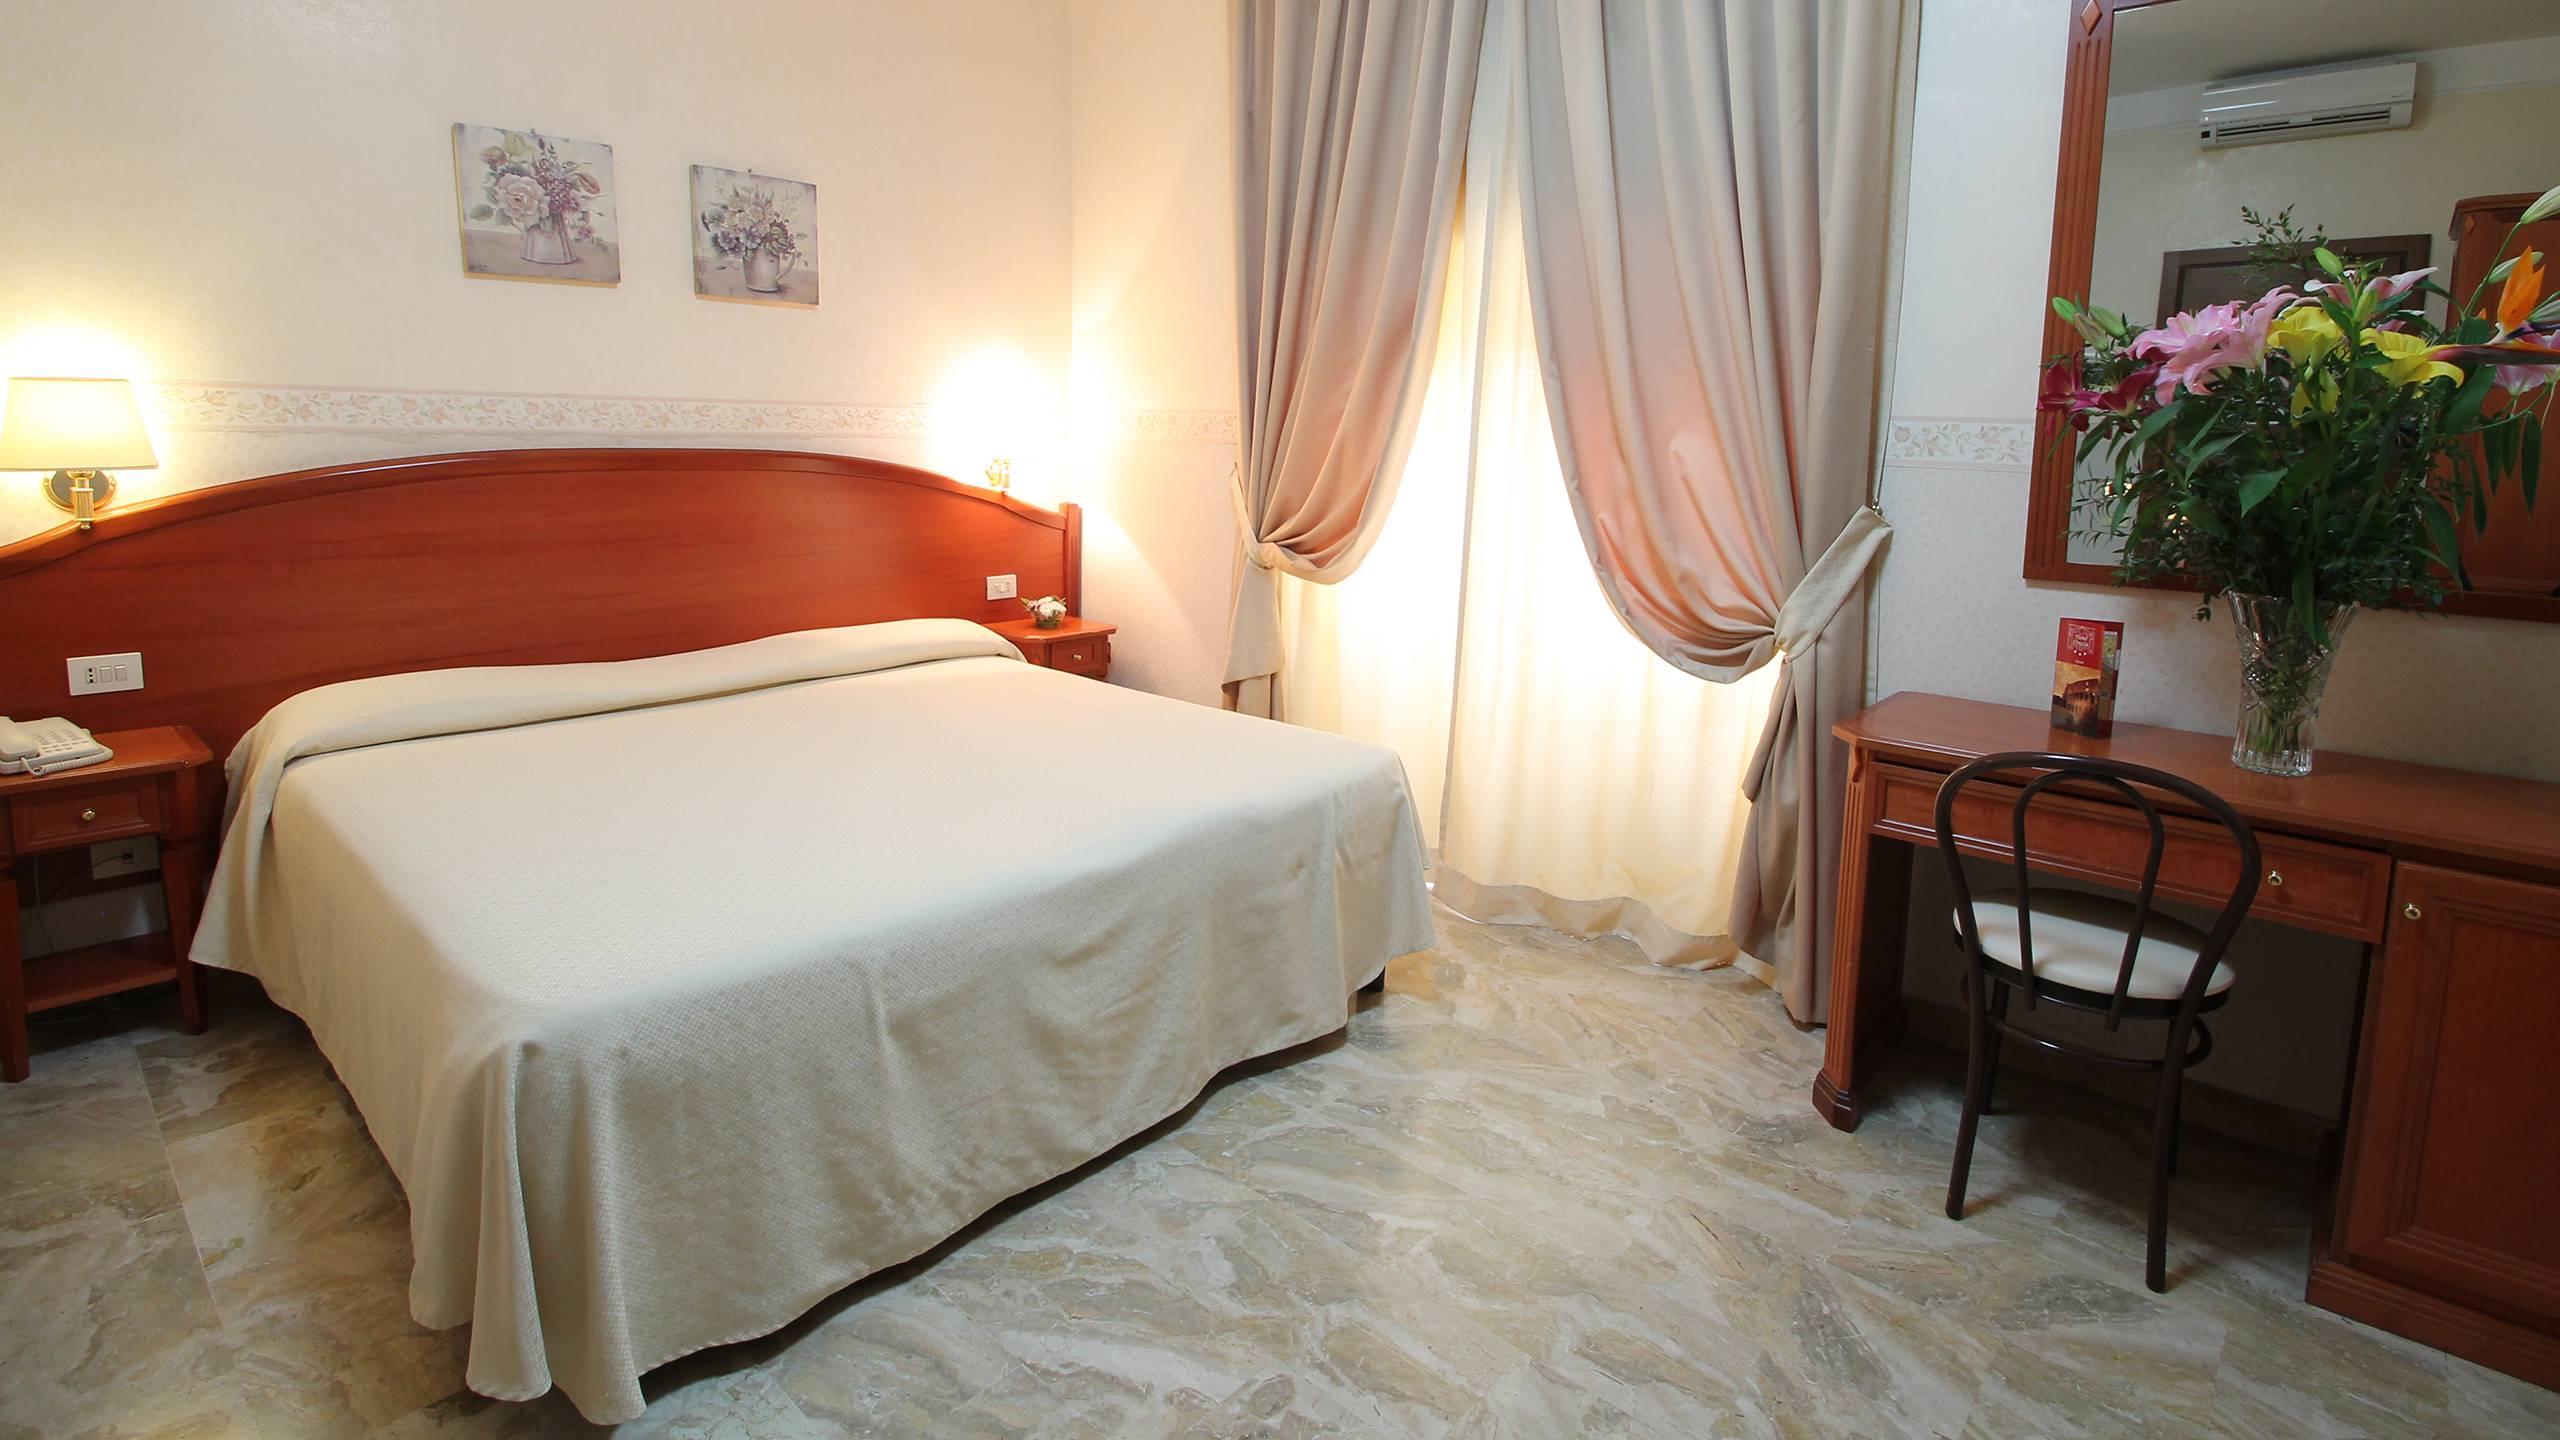 hotel-orazia-rome-room-8